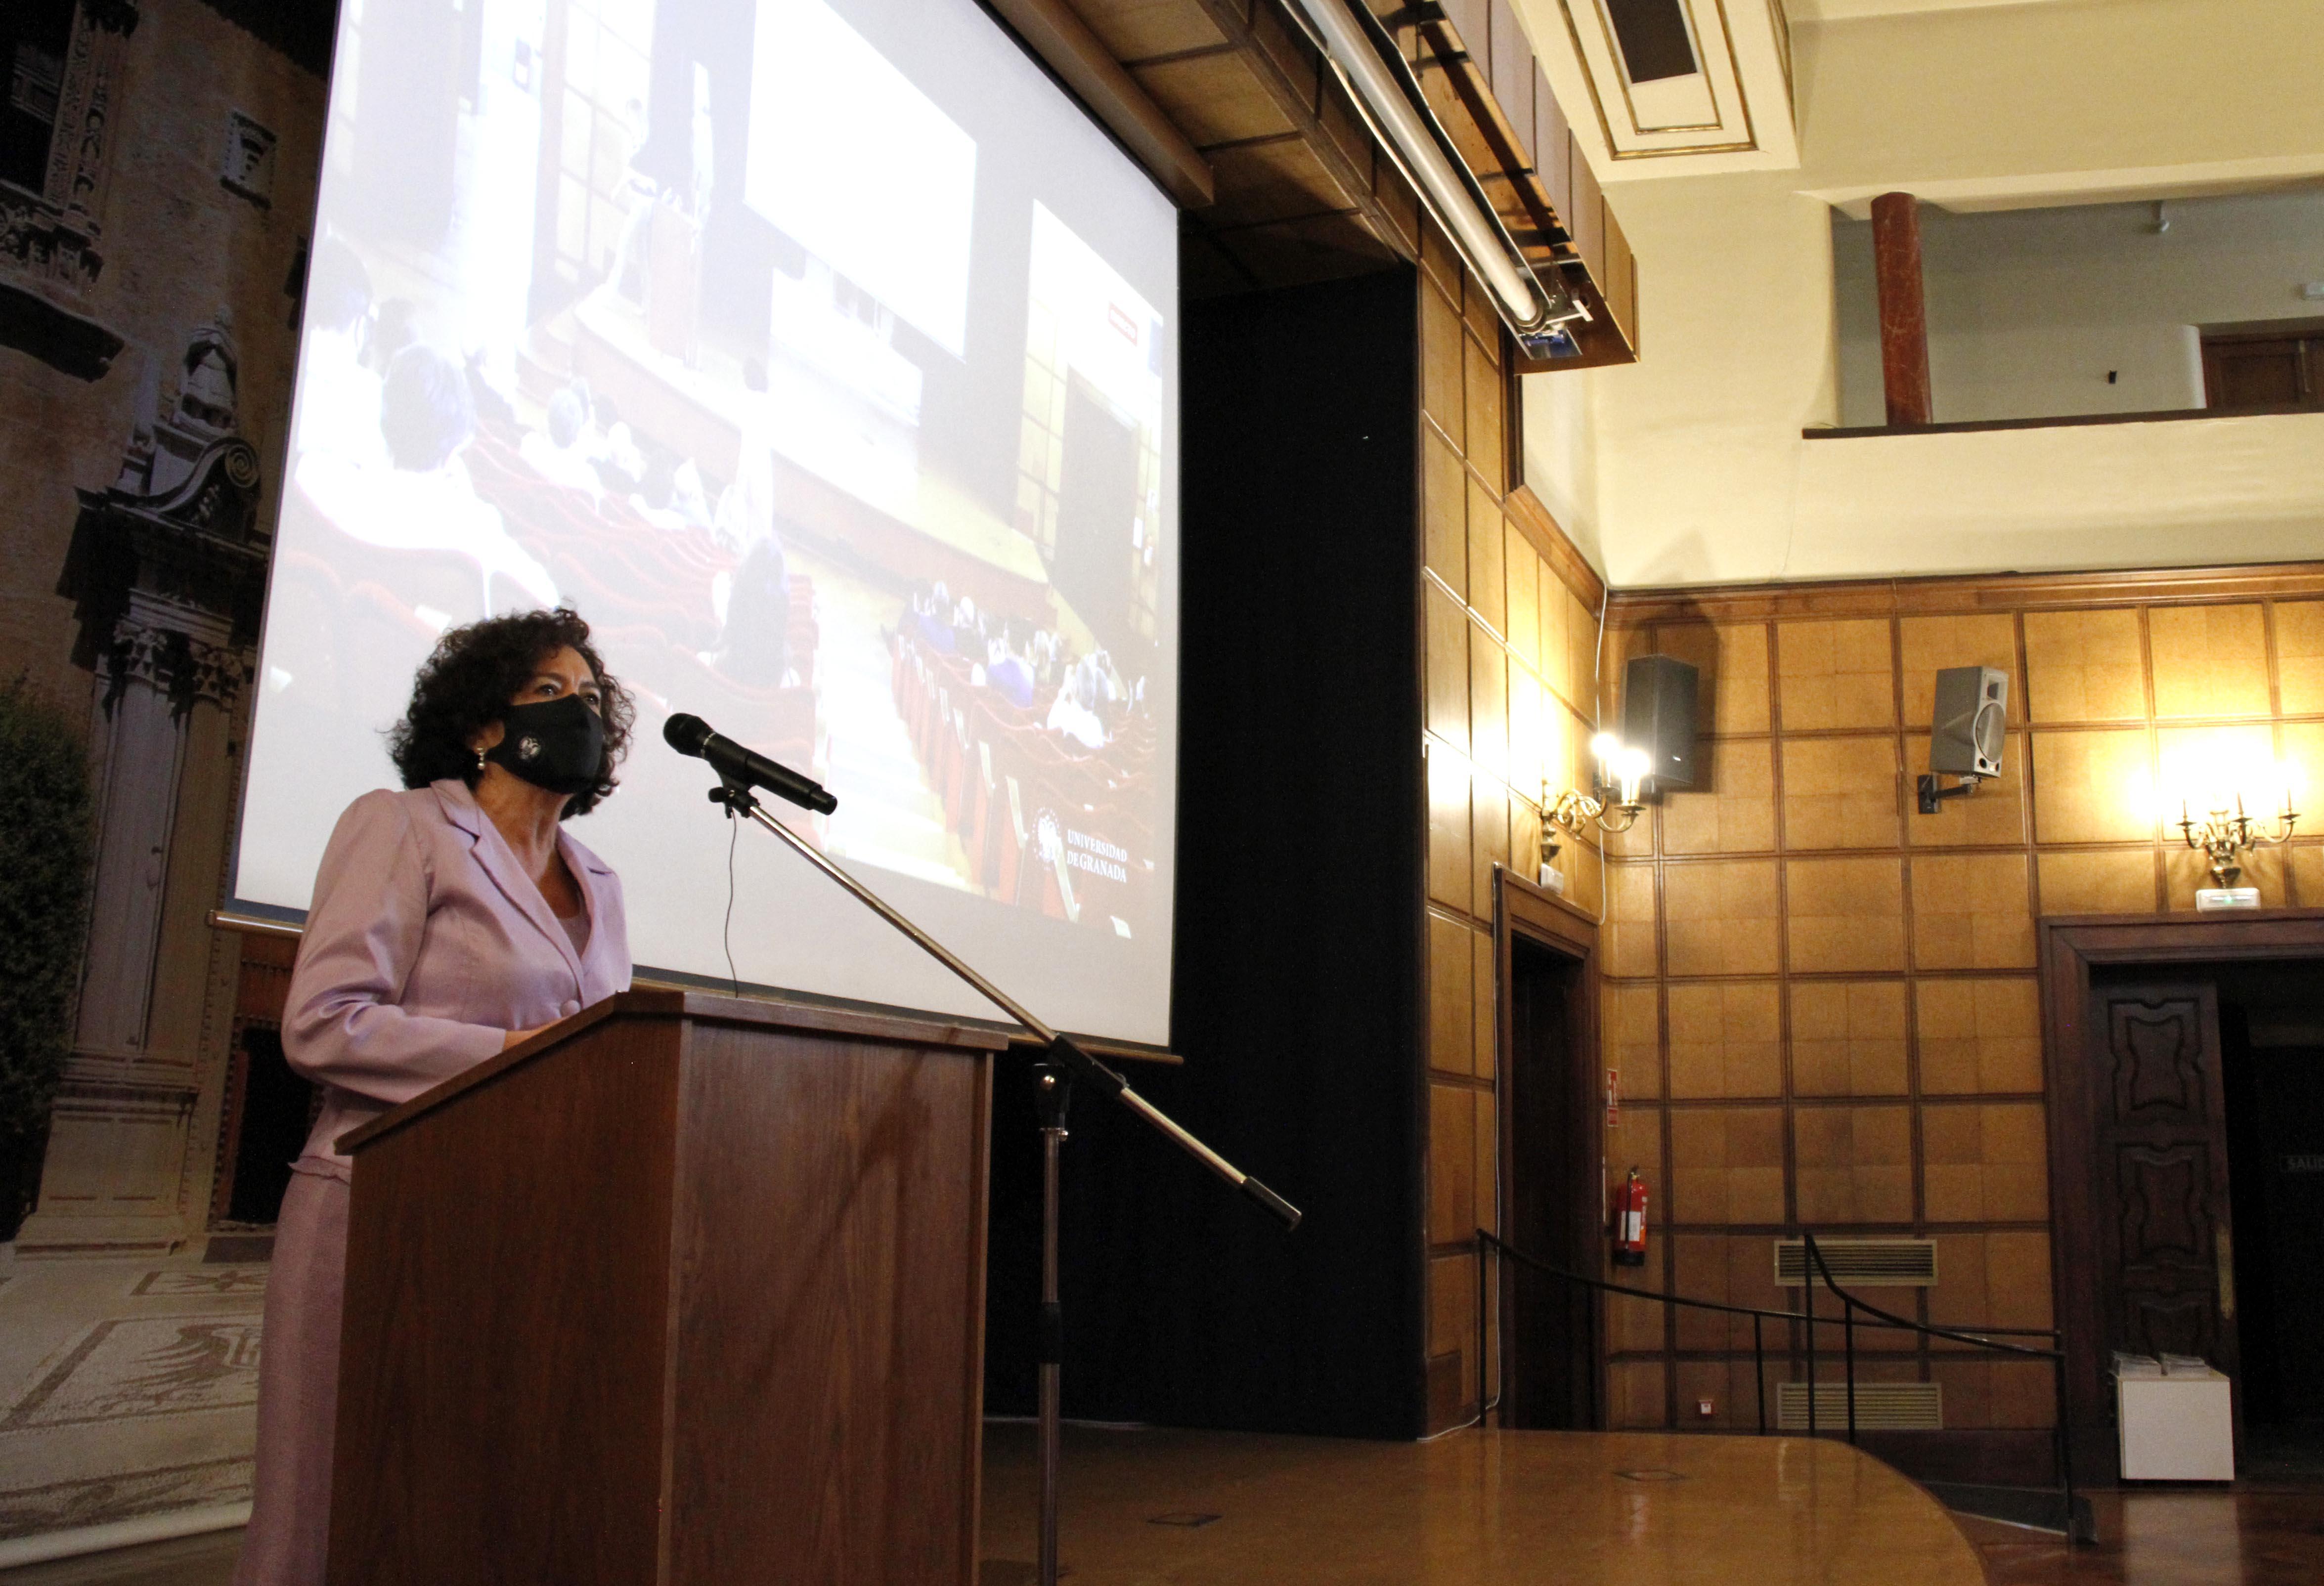 La UGR presenta Horizonte V Centenario, el proyecto que llevará a la universidad a celebrar sus quinientos años